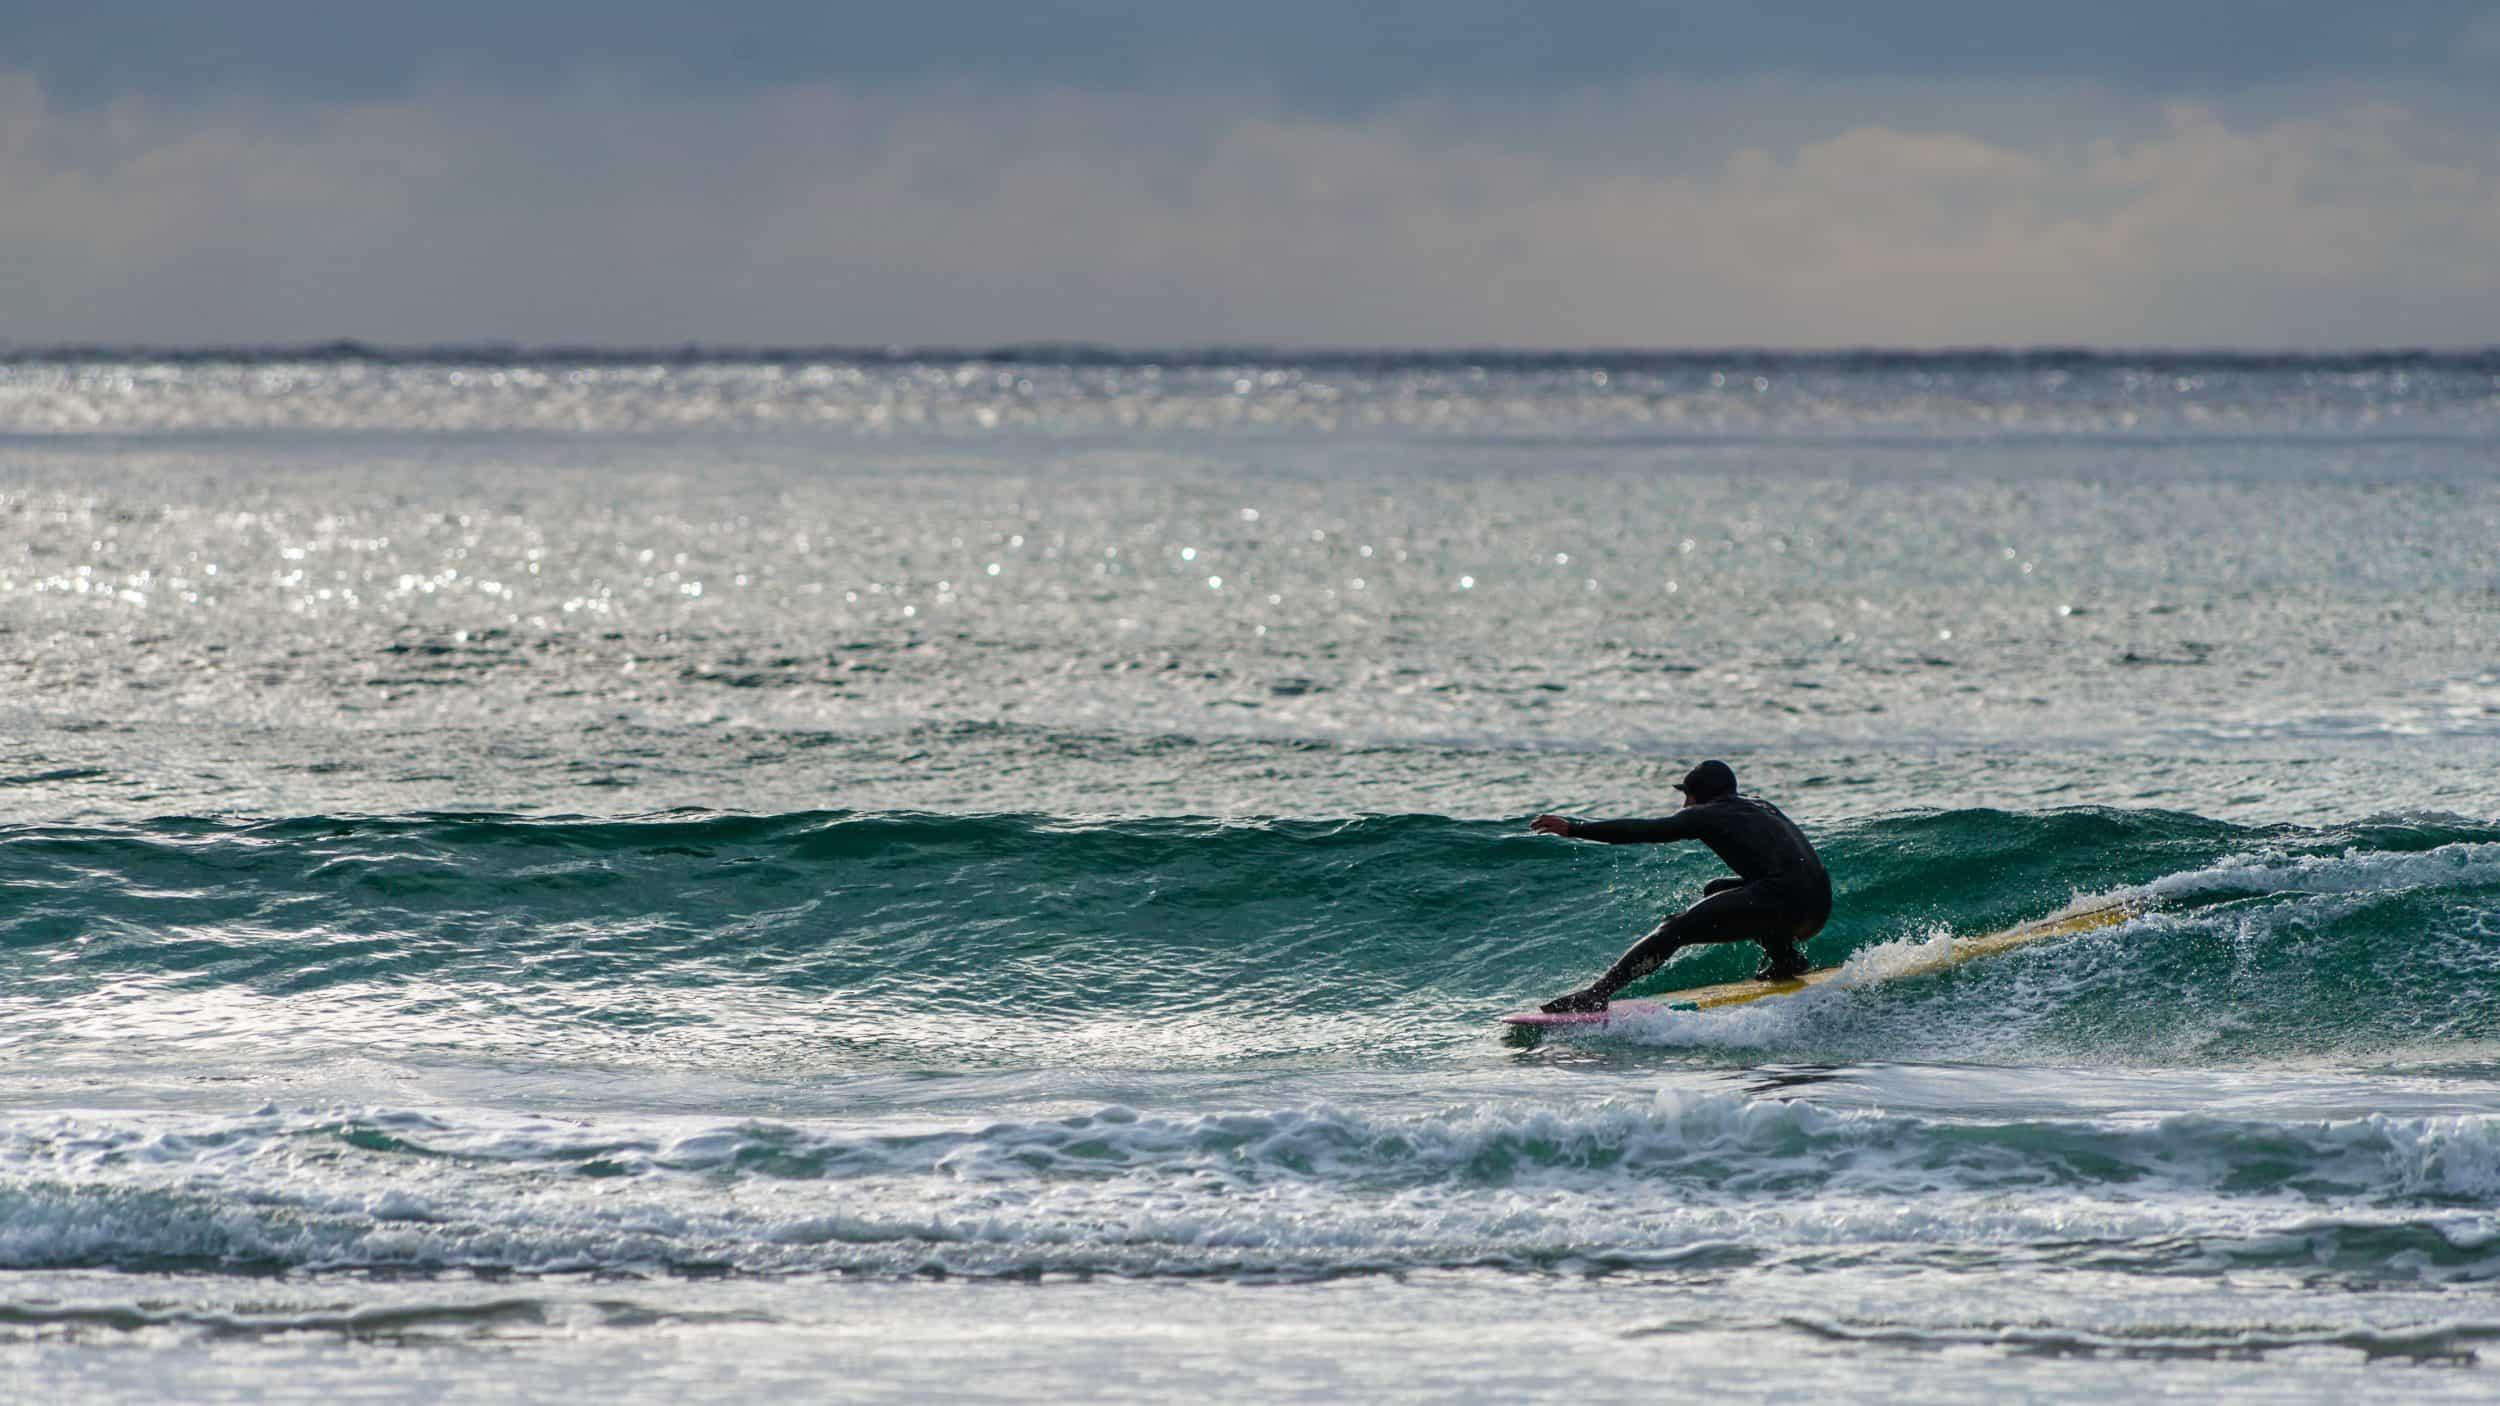 B. Joakim Borgen - Bilde er tatt 11.07 i Hoddevik. Surfer Øyvind Iversen